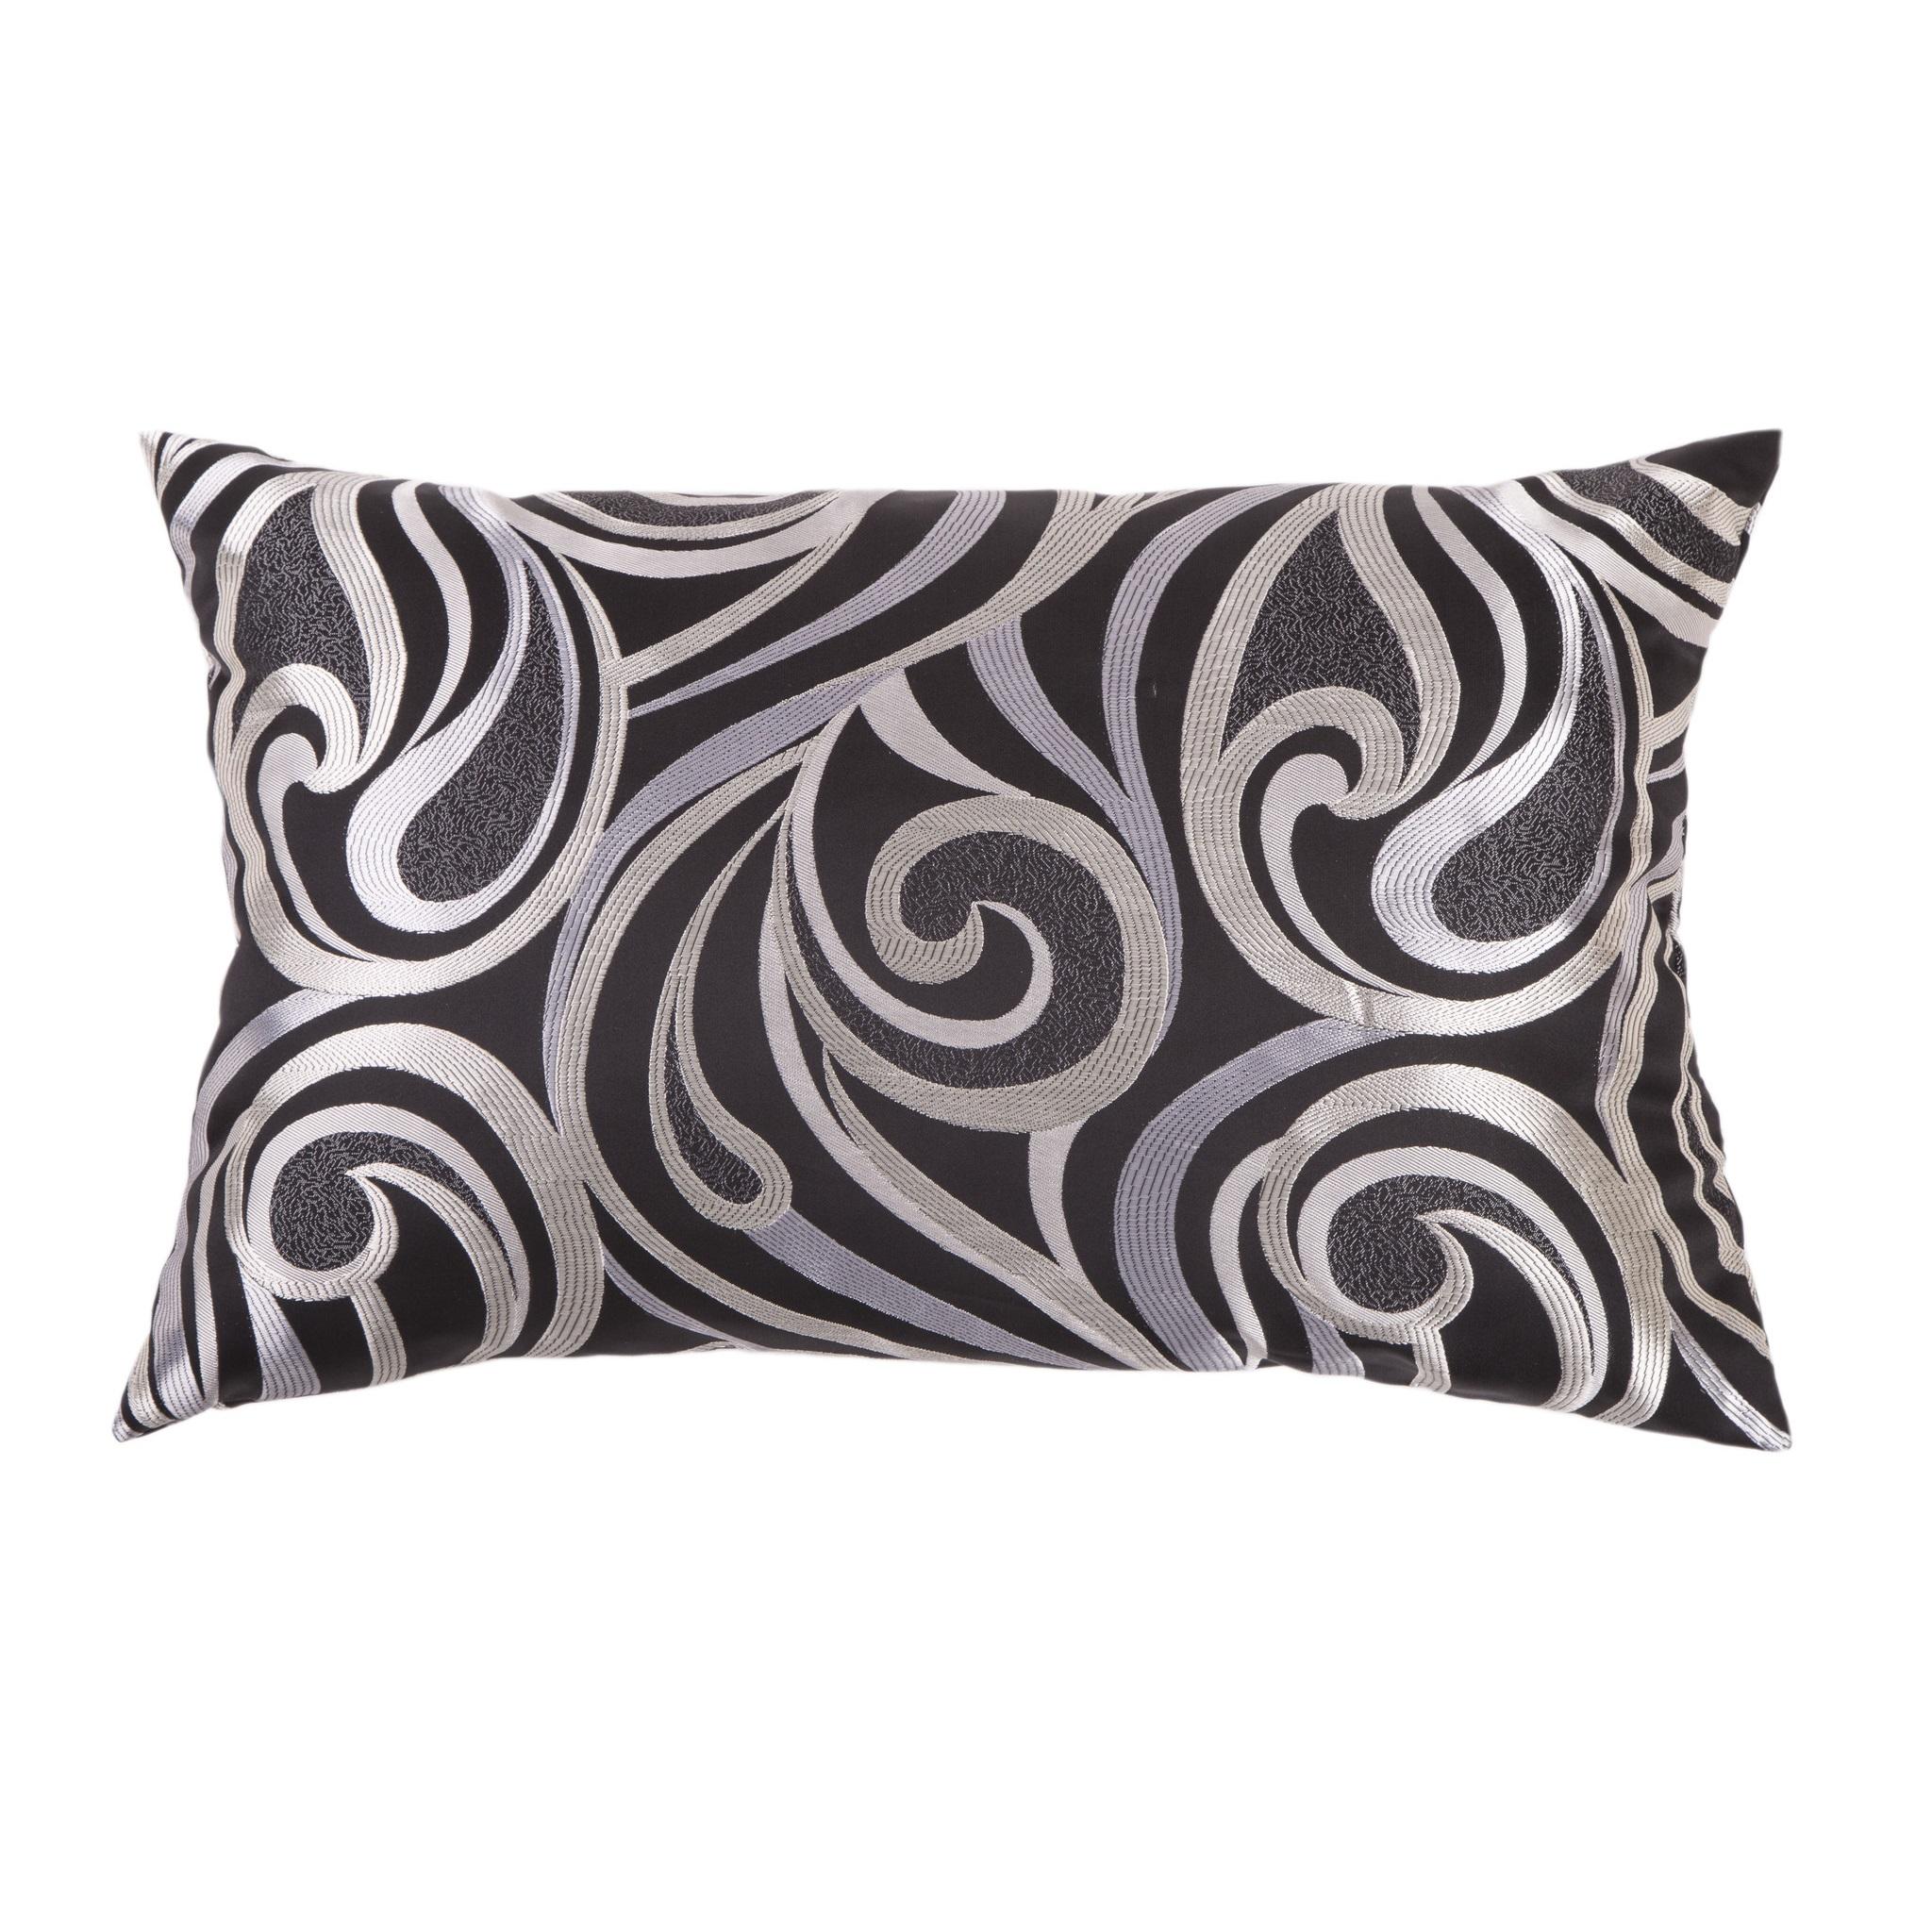 Подушка ФантазияПрямоугольные подушки и наволочки<br>Декоративная подушка &amp;quot;Фантазия&amp;quot;станет ярким акцентом в вашем интерьере. Высококачественный материал приятен для кожи и безопасен даже для самой чувствительной кожи.  Оригинальный дизайнерский принт сделает пространство стильным и своеобразным.<br><br>Material: Текстиль<br>Ширина см: 50<br>Высота см: 30<br>Глубина см: 10